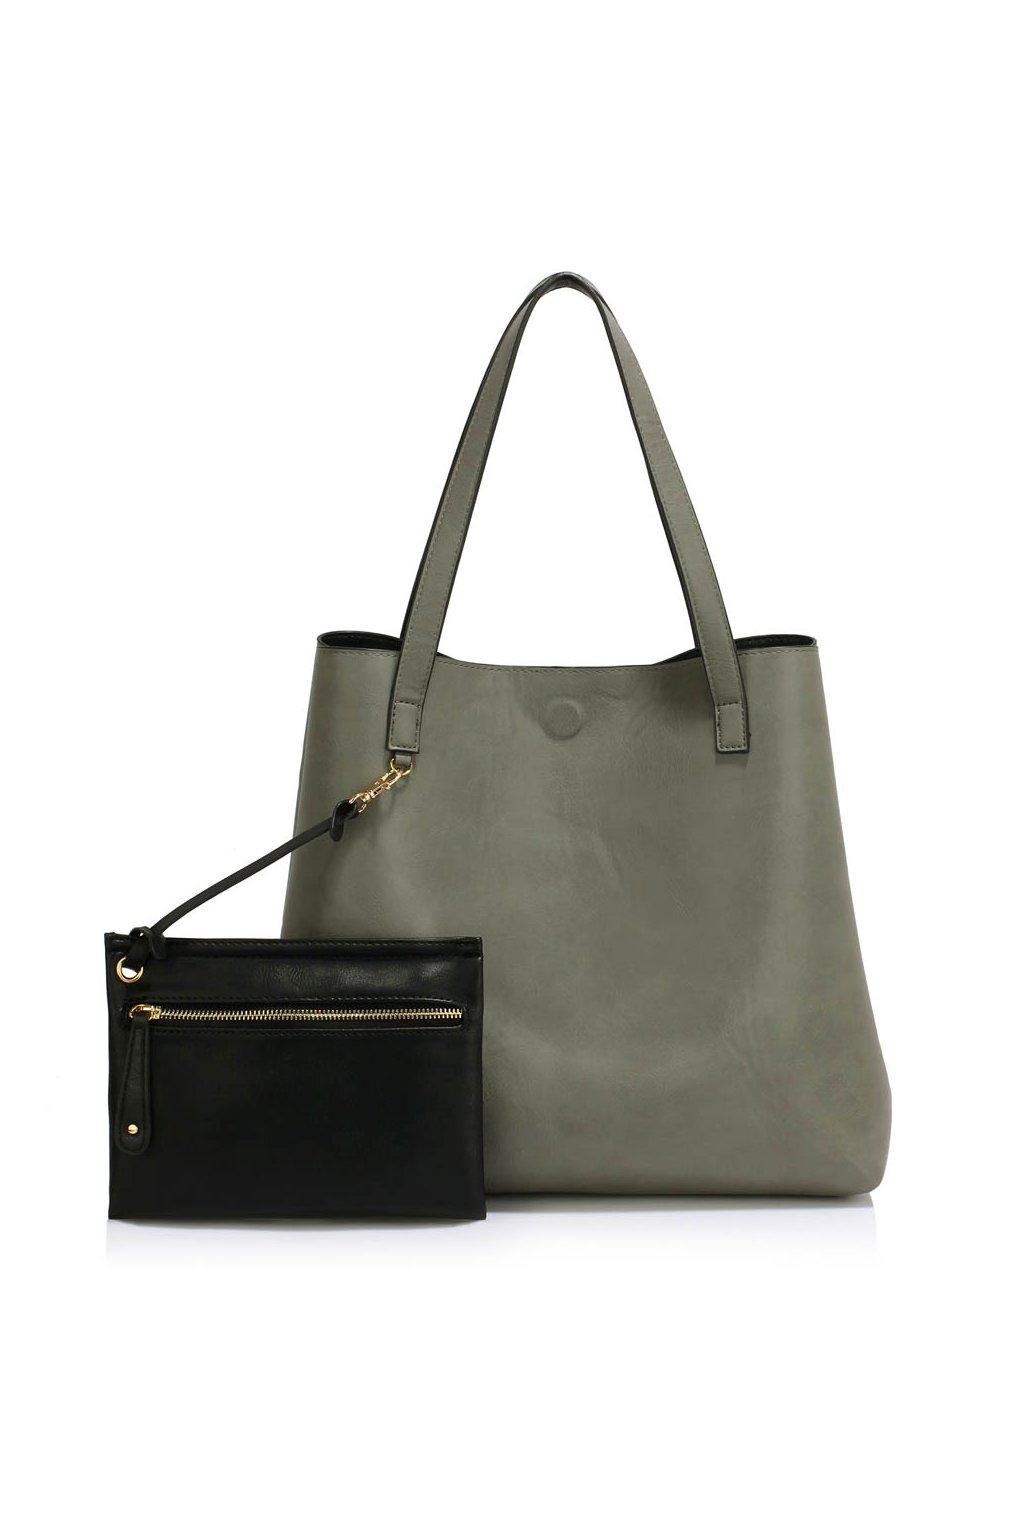 Shopper kabelka do ruky Netta čierna sivá LS00493 d10c01190a6